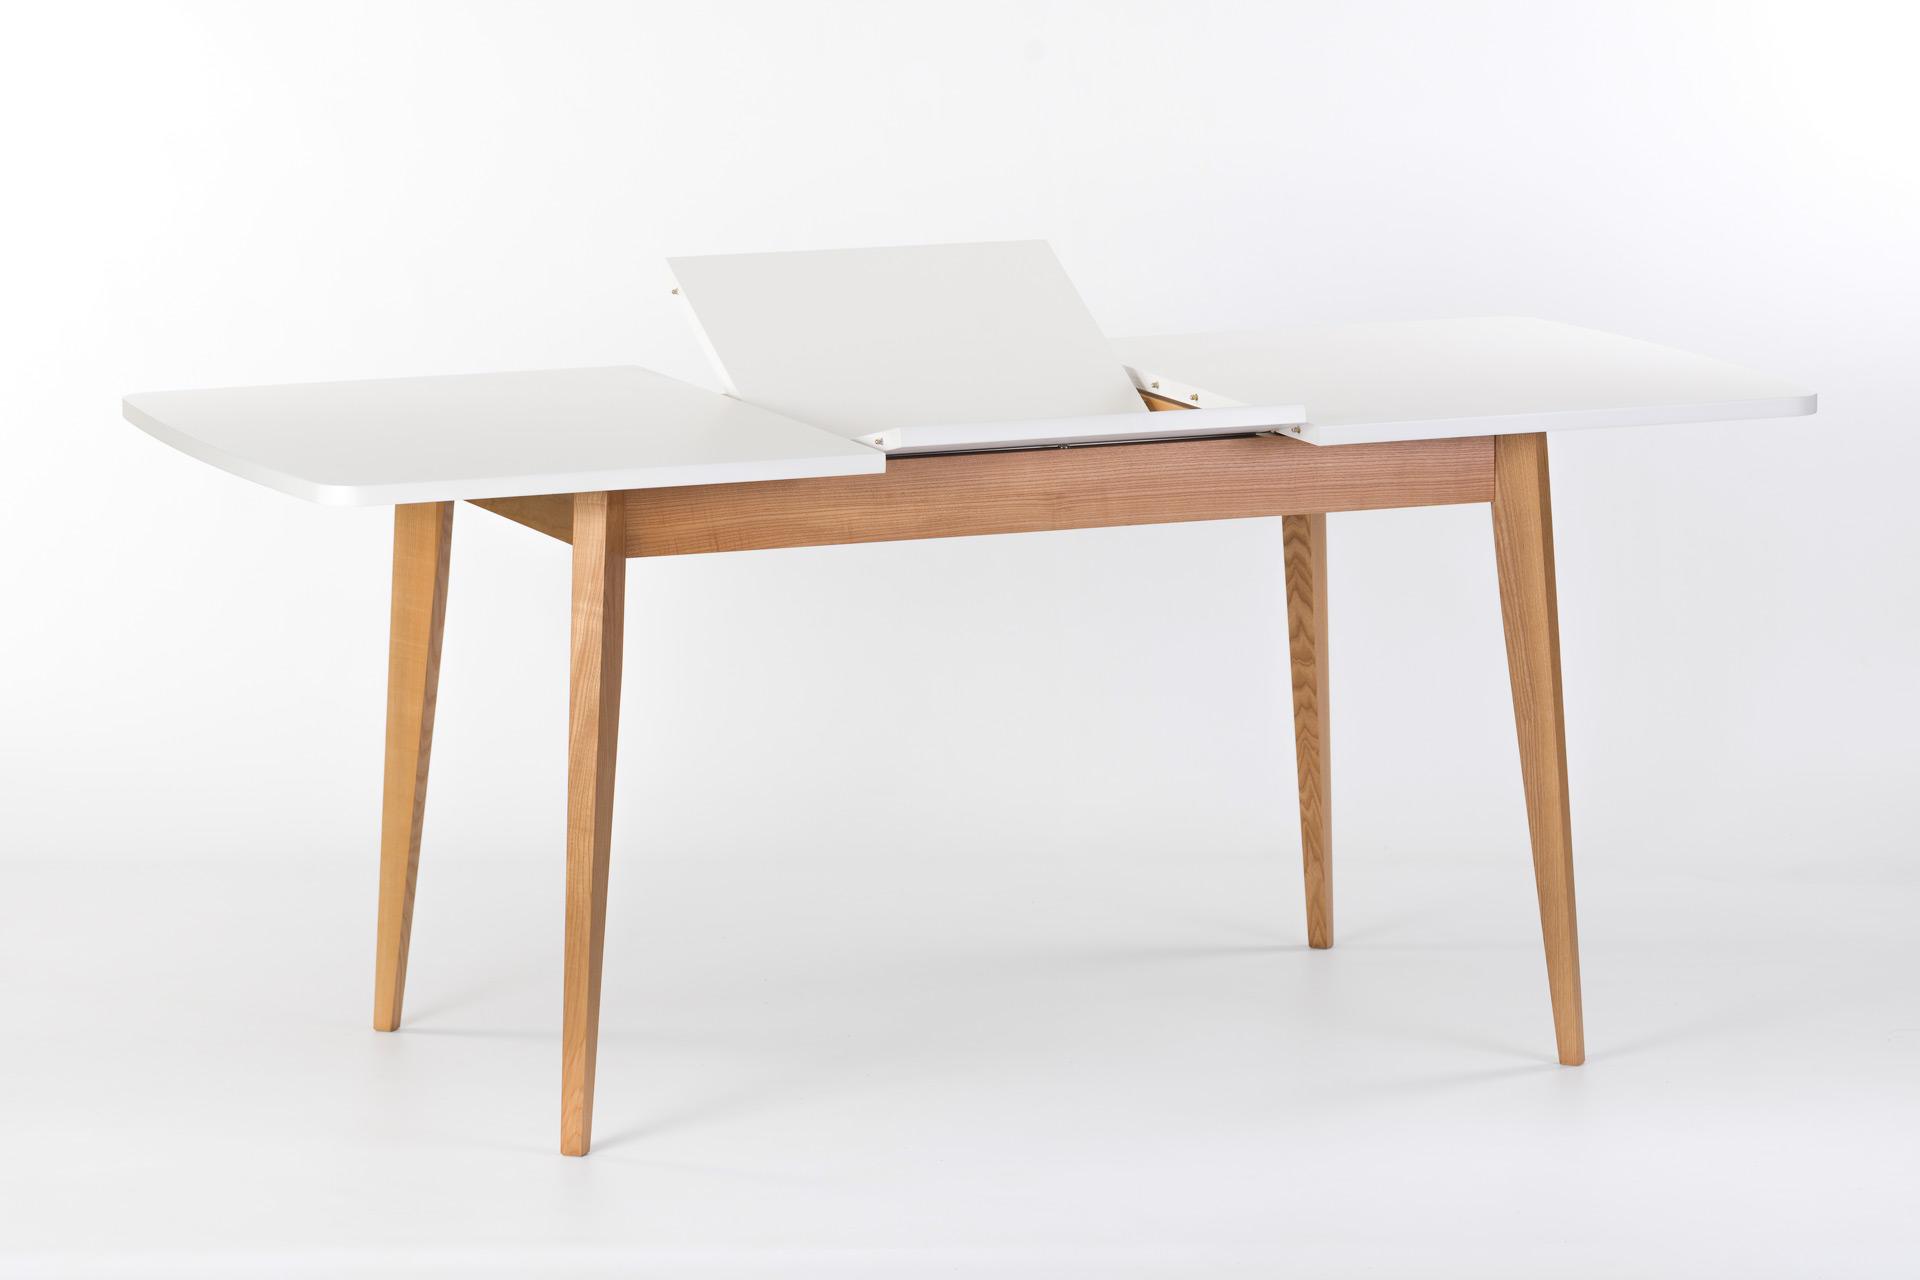 """Раскладной кухонный стол """"Турин"""" - прямоугольная белая столешница с механизмом раскладки, покрыта эмалью, ножки из твердого дерева покрыты эмалью, цвет SE-1403"""